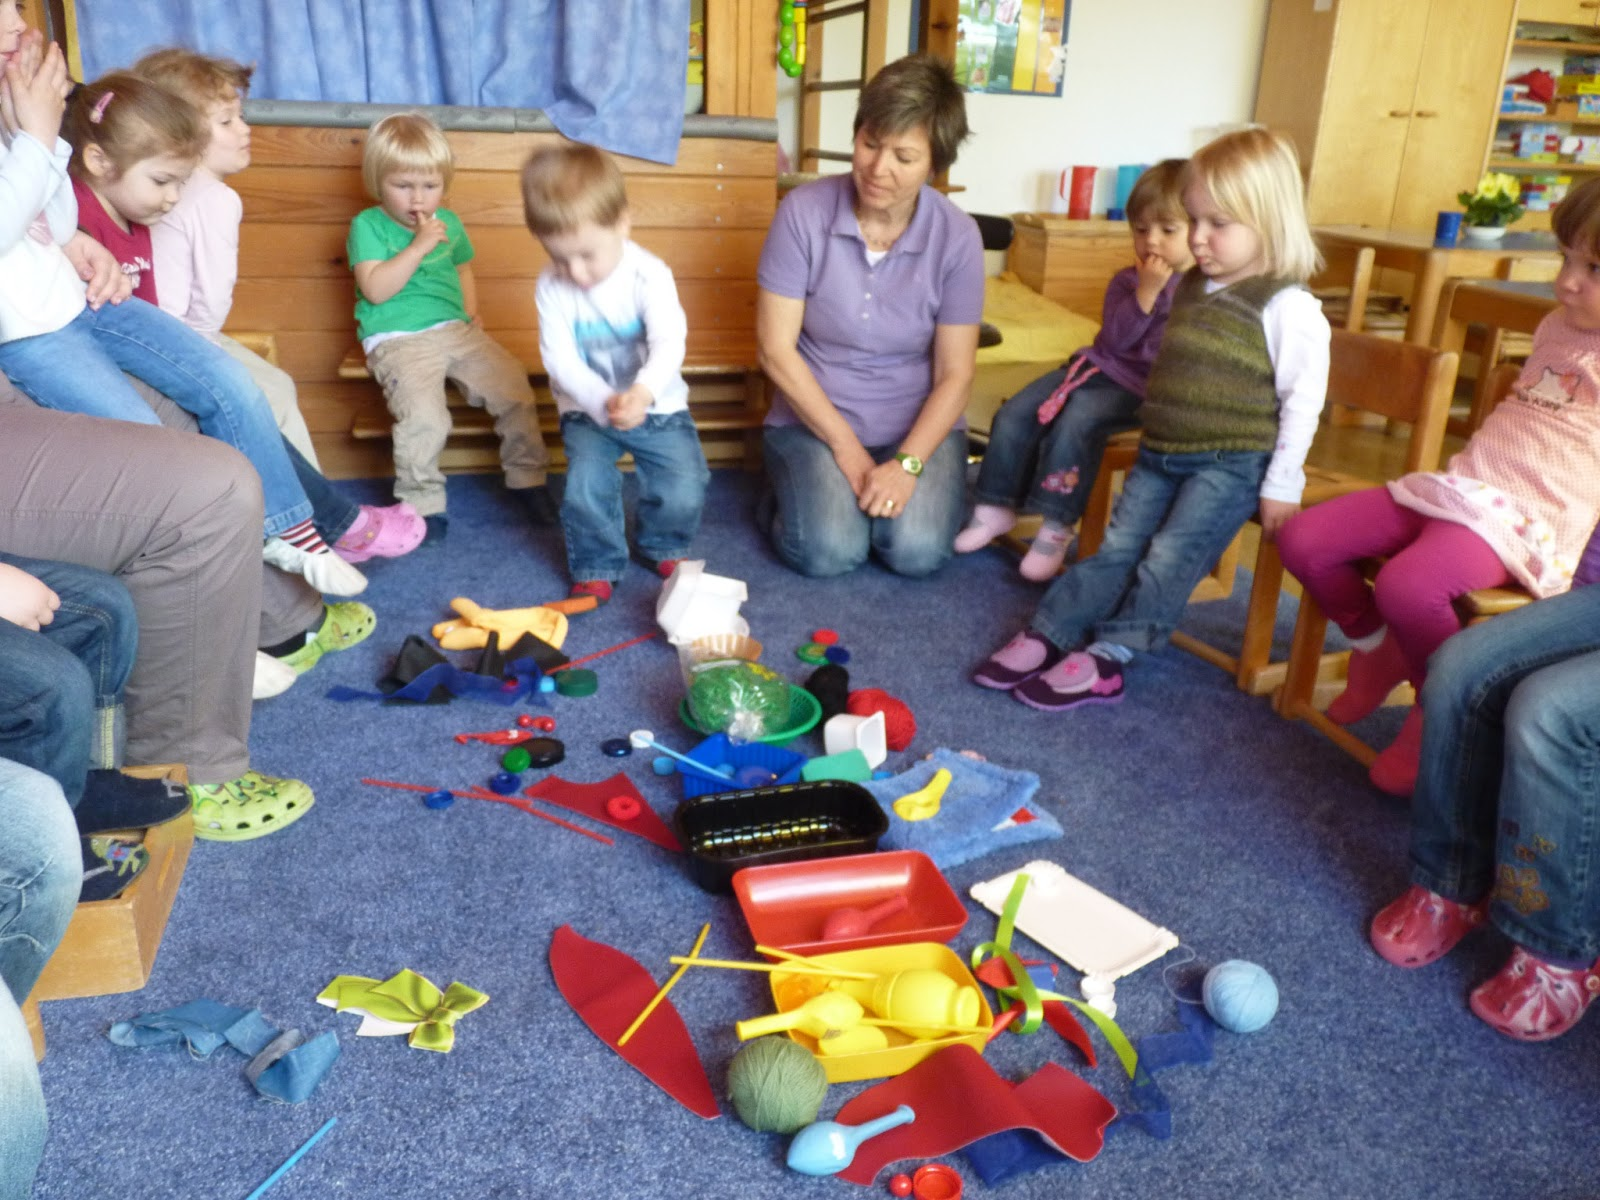 Protestantischer Kindergarten Weisenheim am Sand: Blau ...